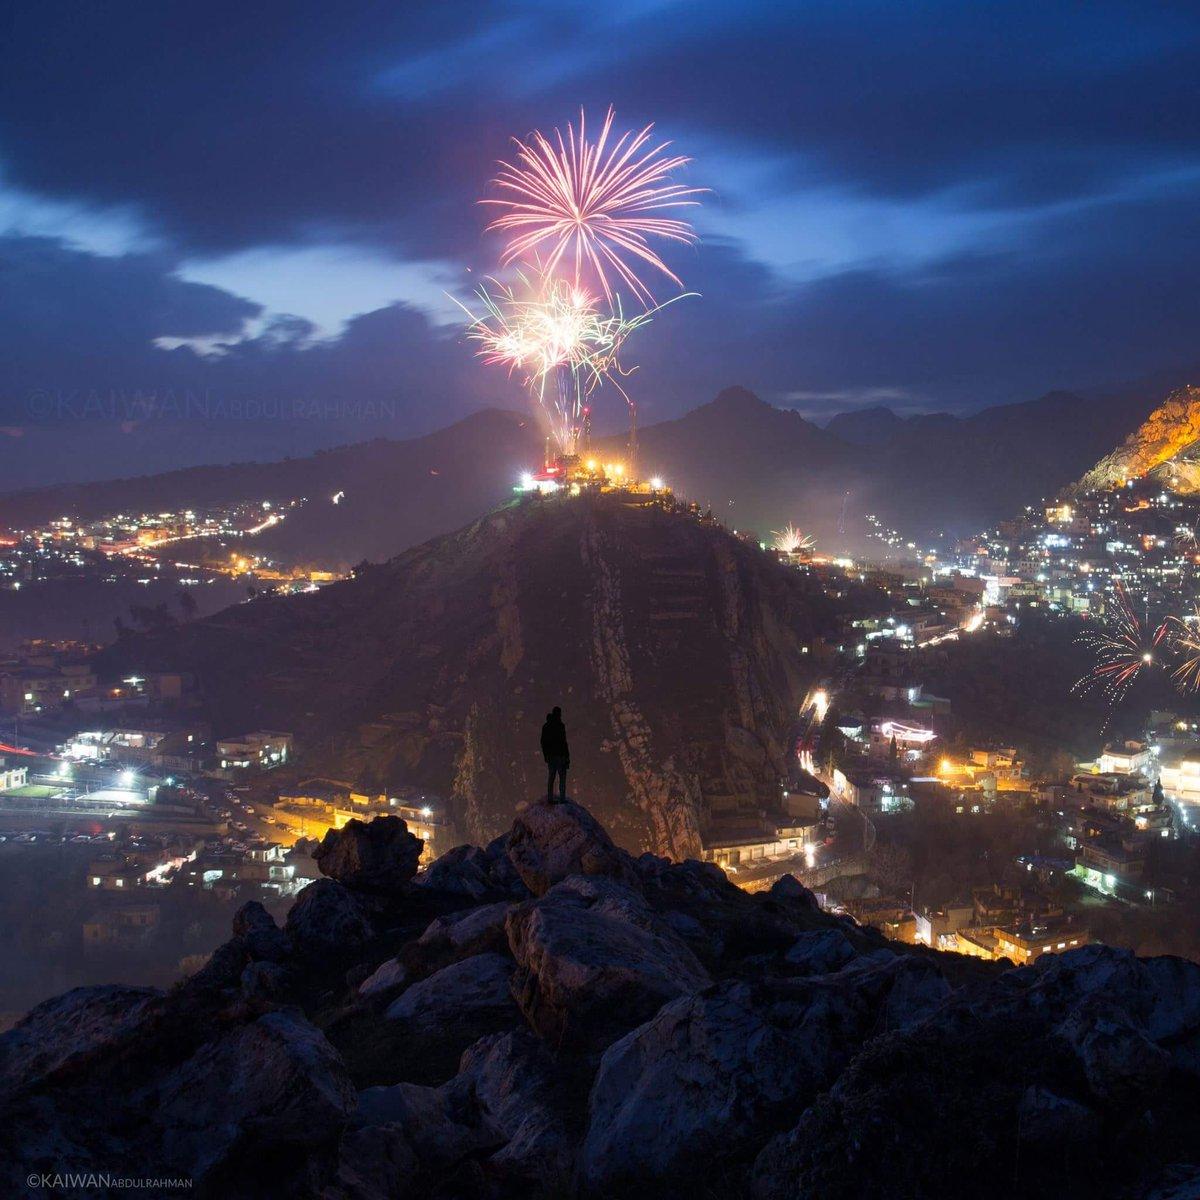 اربيل العاصمة تعلن عن احتفالات واسعة بأعياد آذار ونوروز